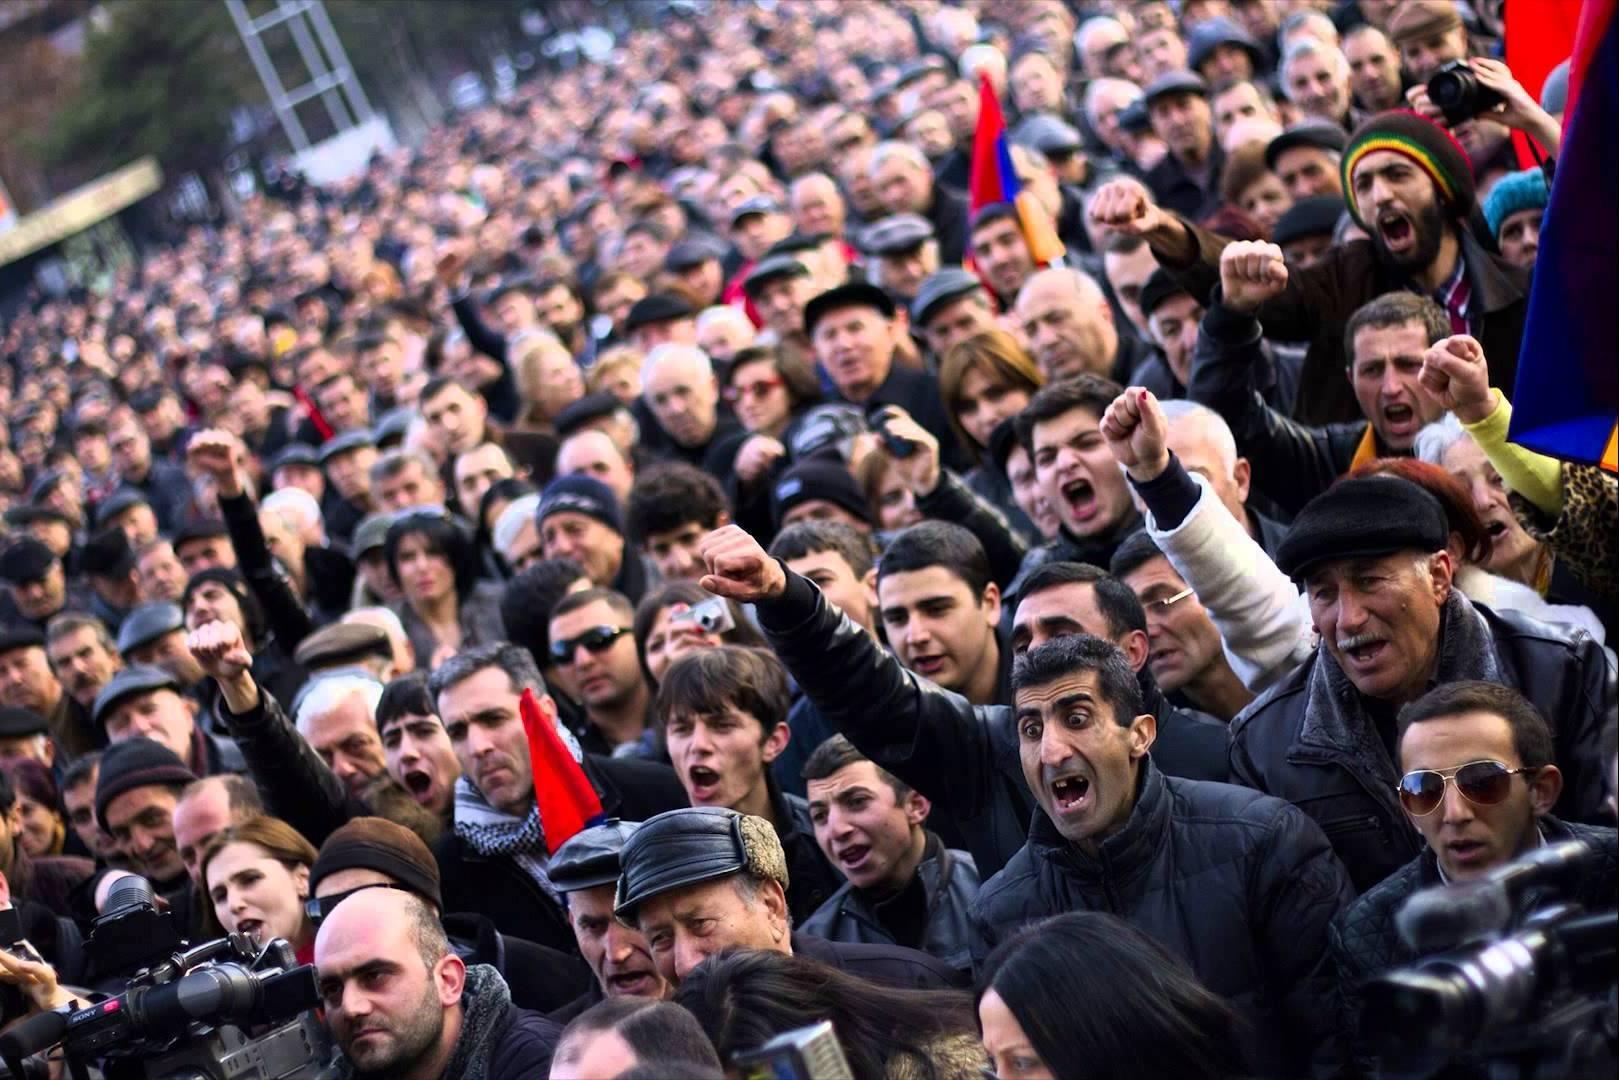 пашинян, армения, забастовка, ереван, видео, протесты в армении, прямой эфир из армении сегодня